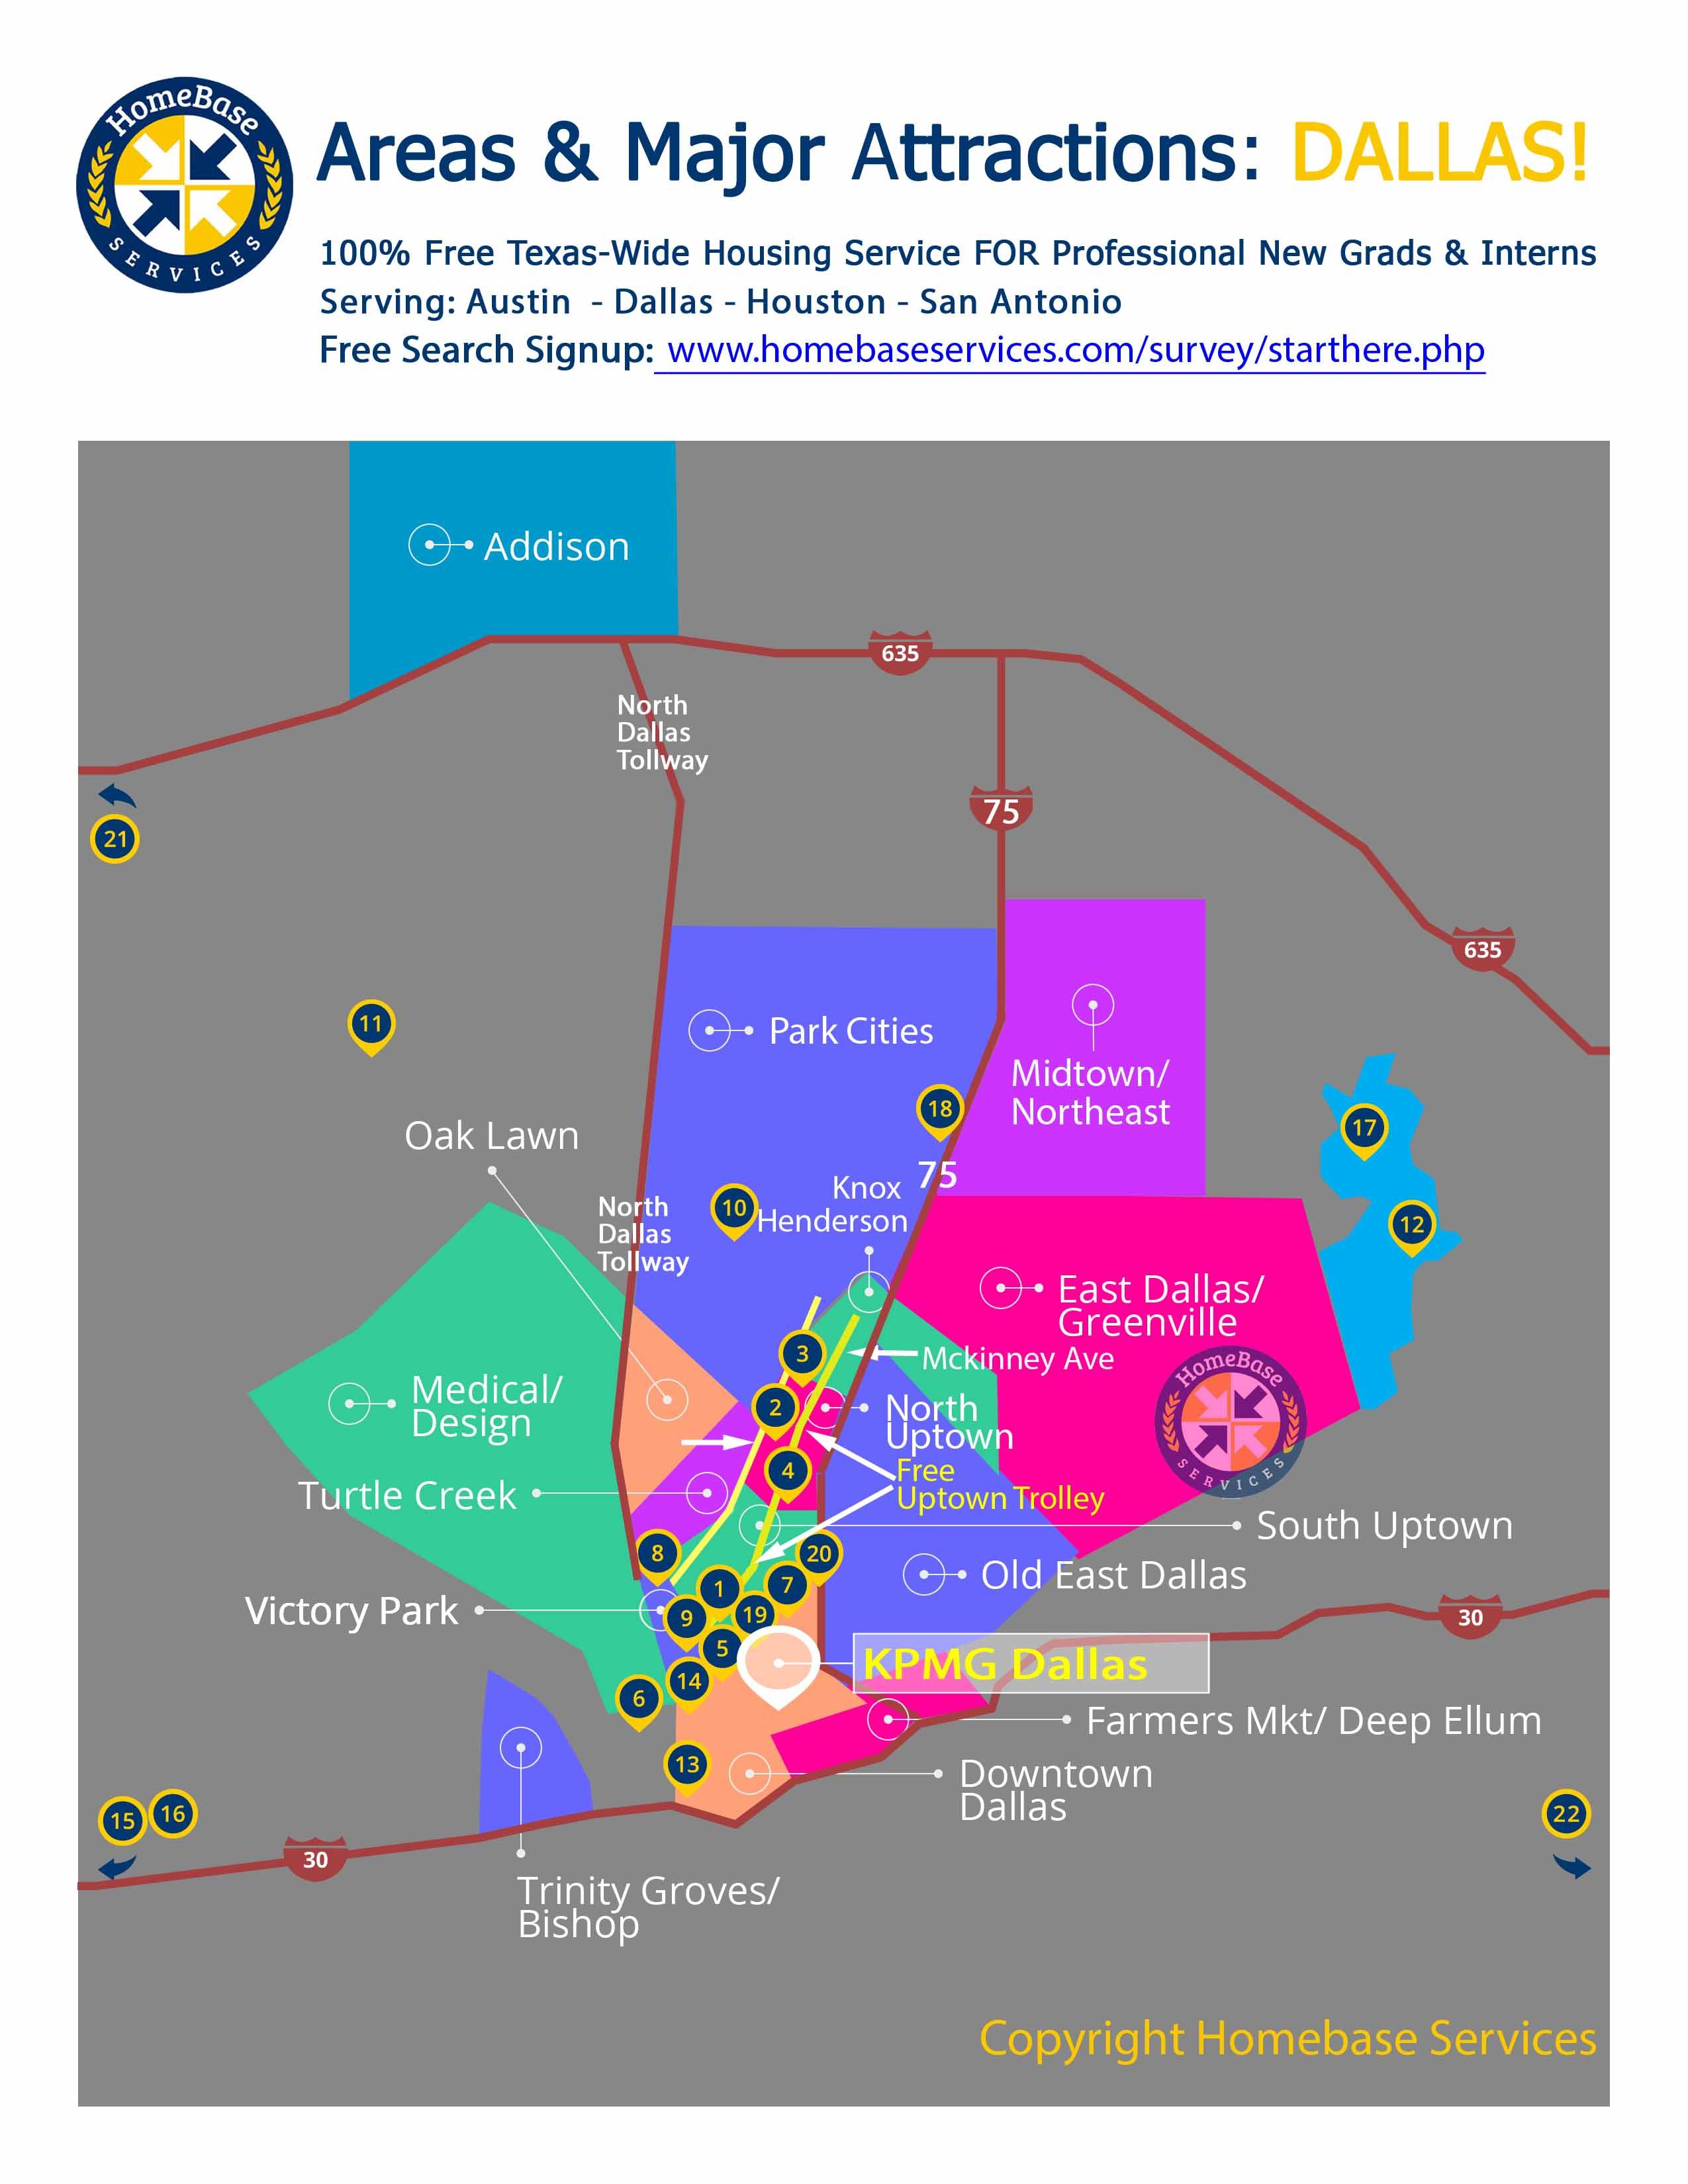 KPMG Dallas Intern Housing Service & Free Dallas Area Map